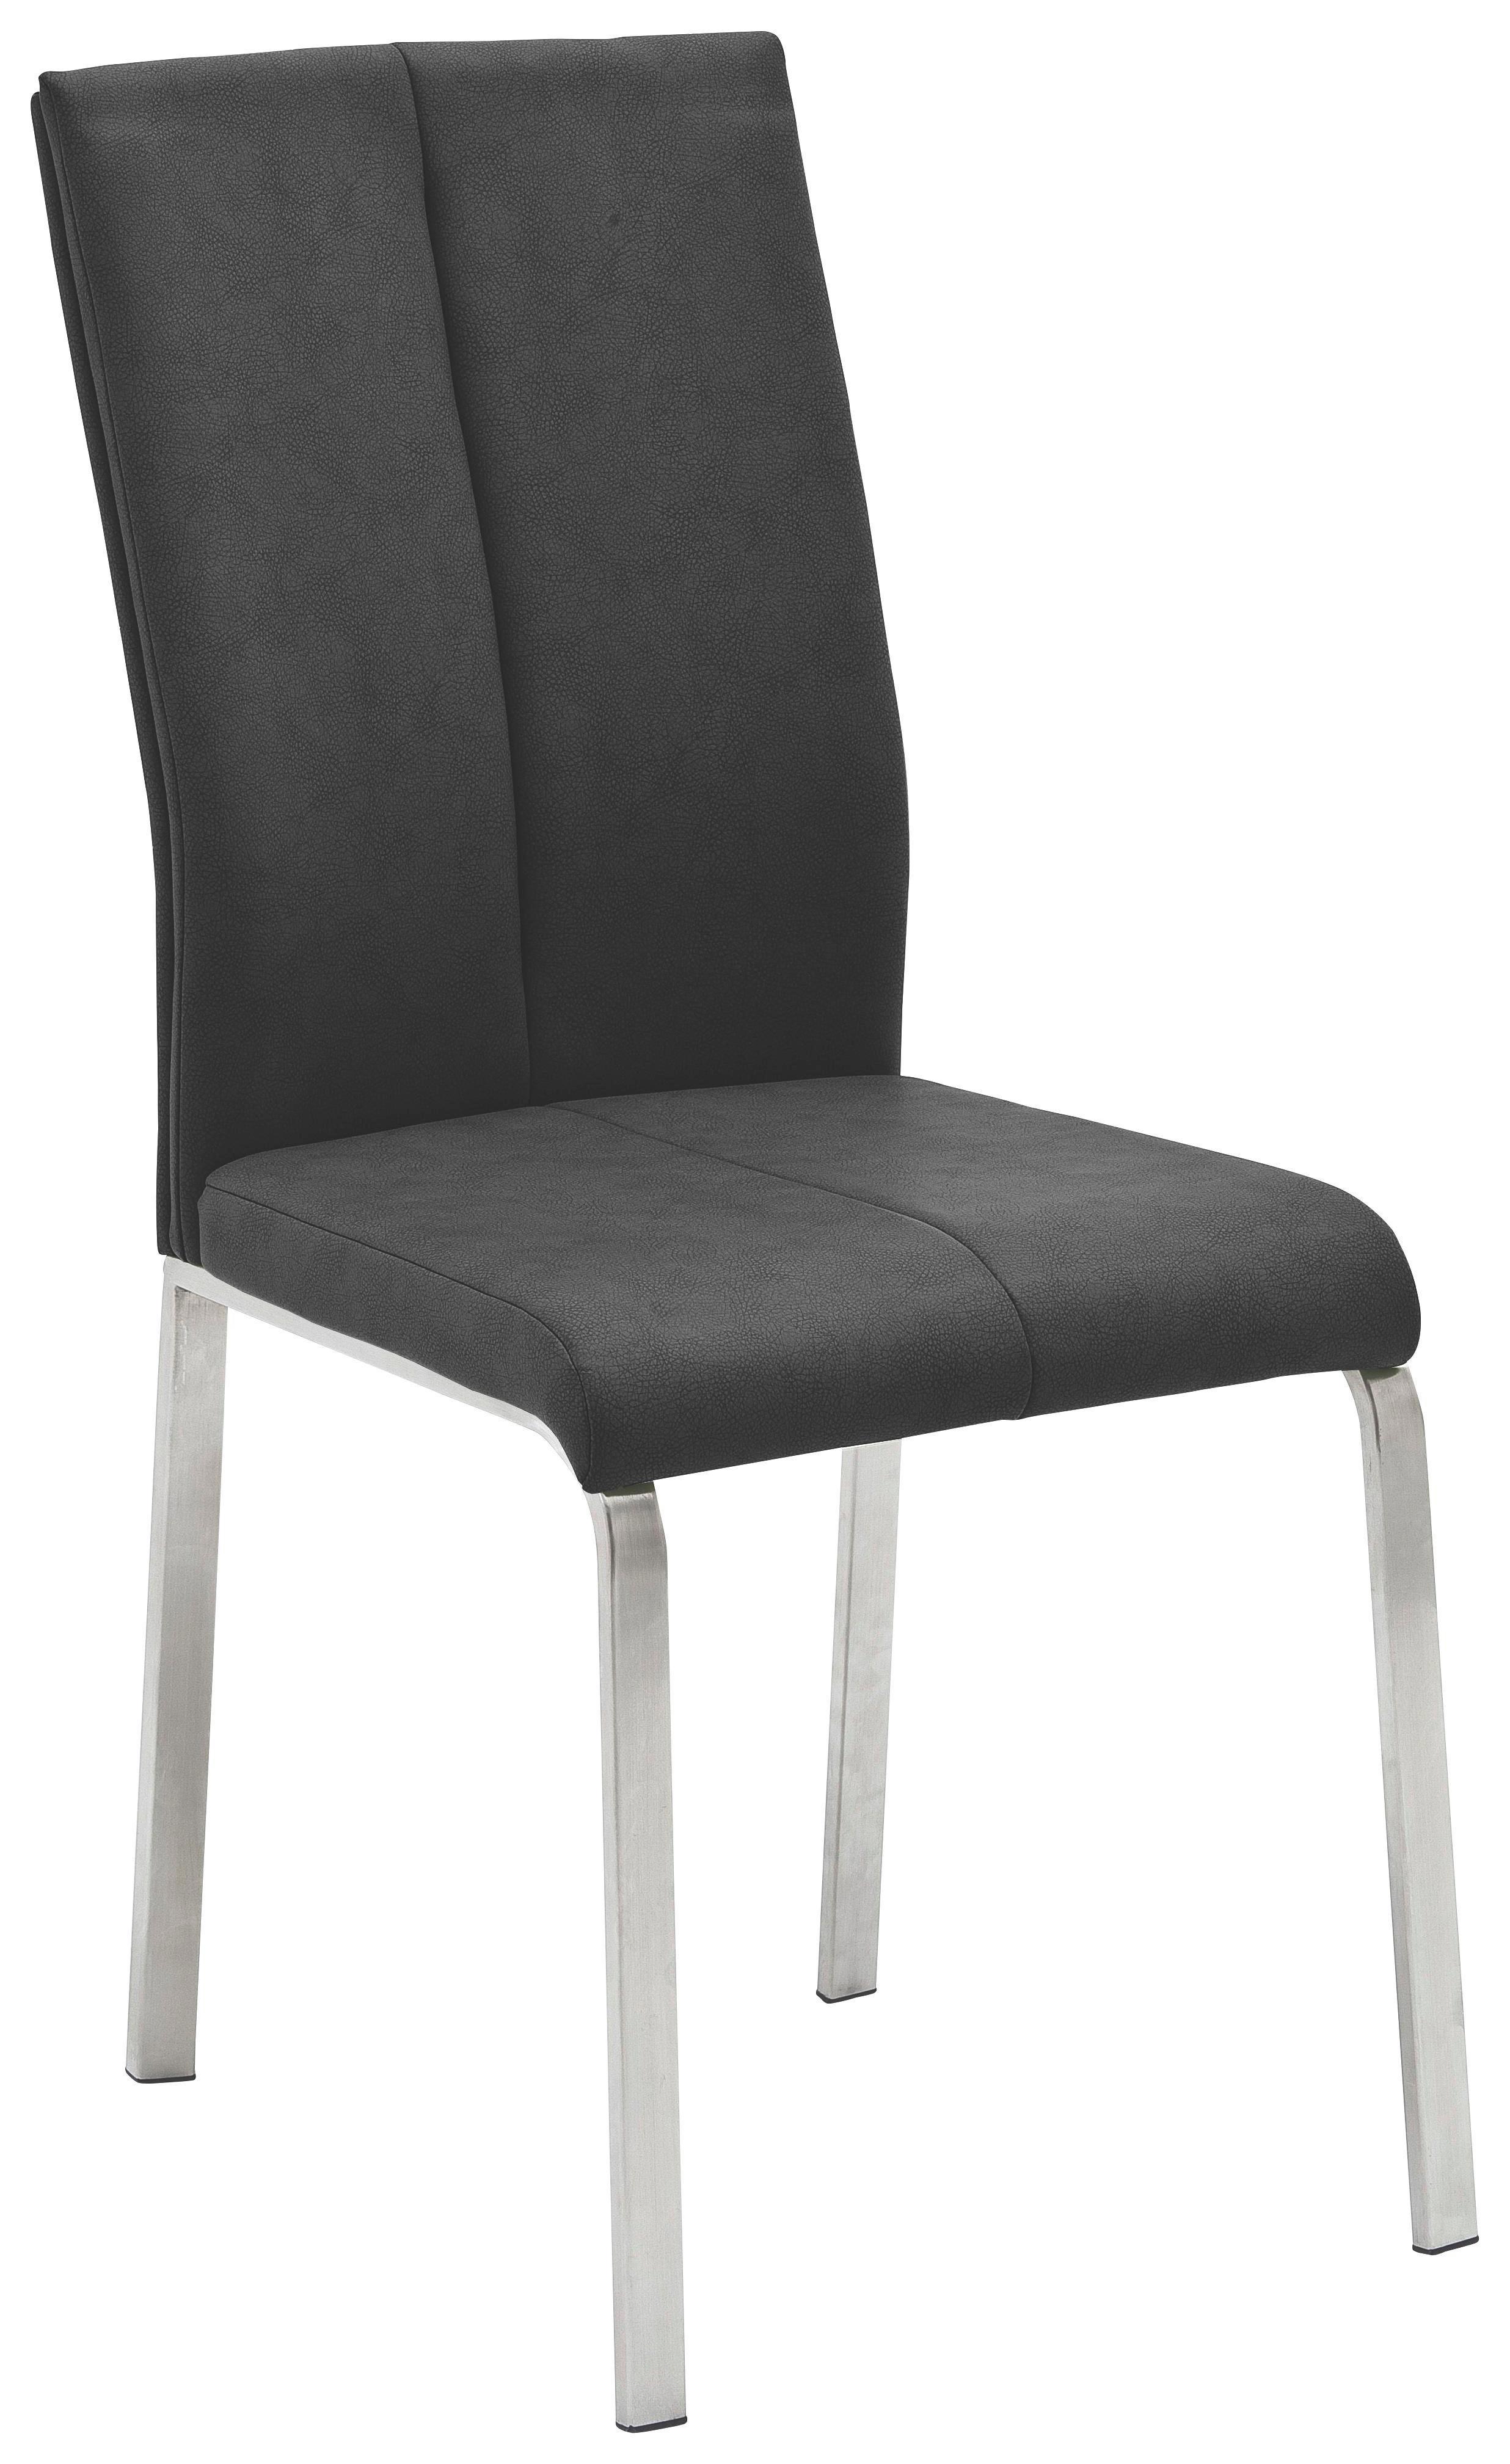 Gartenmöbel, Stuhl Metall Preisvergleich • Die besten